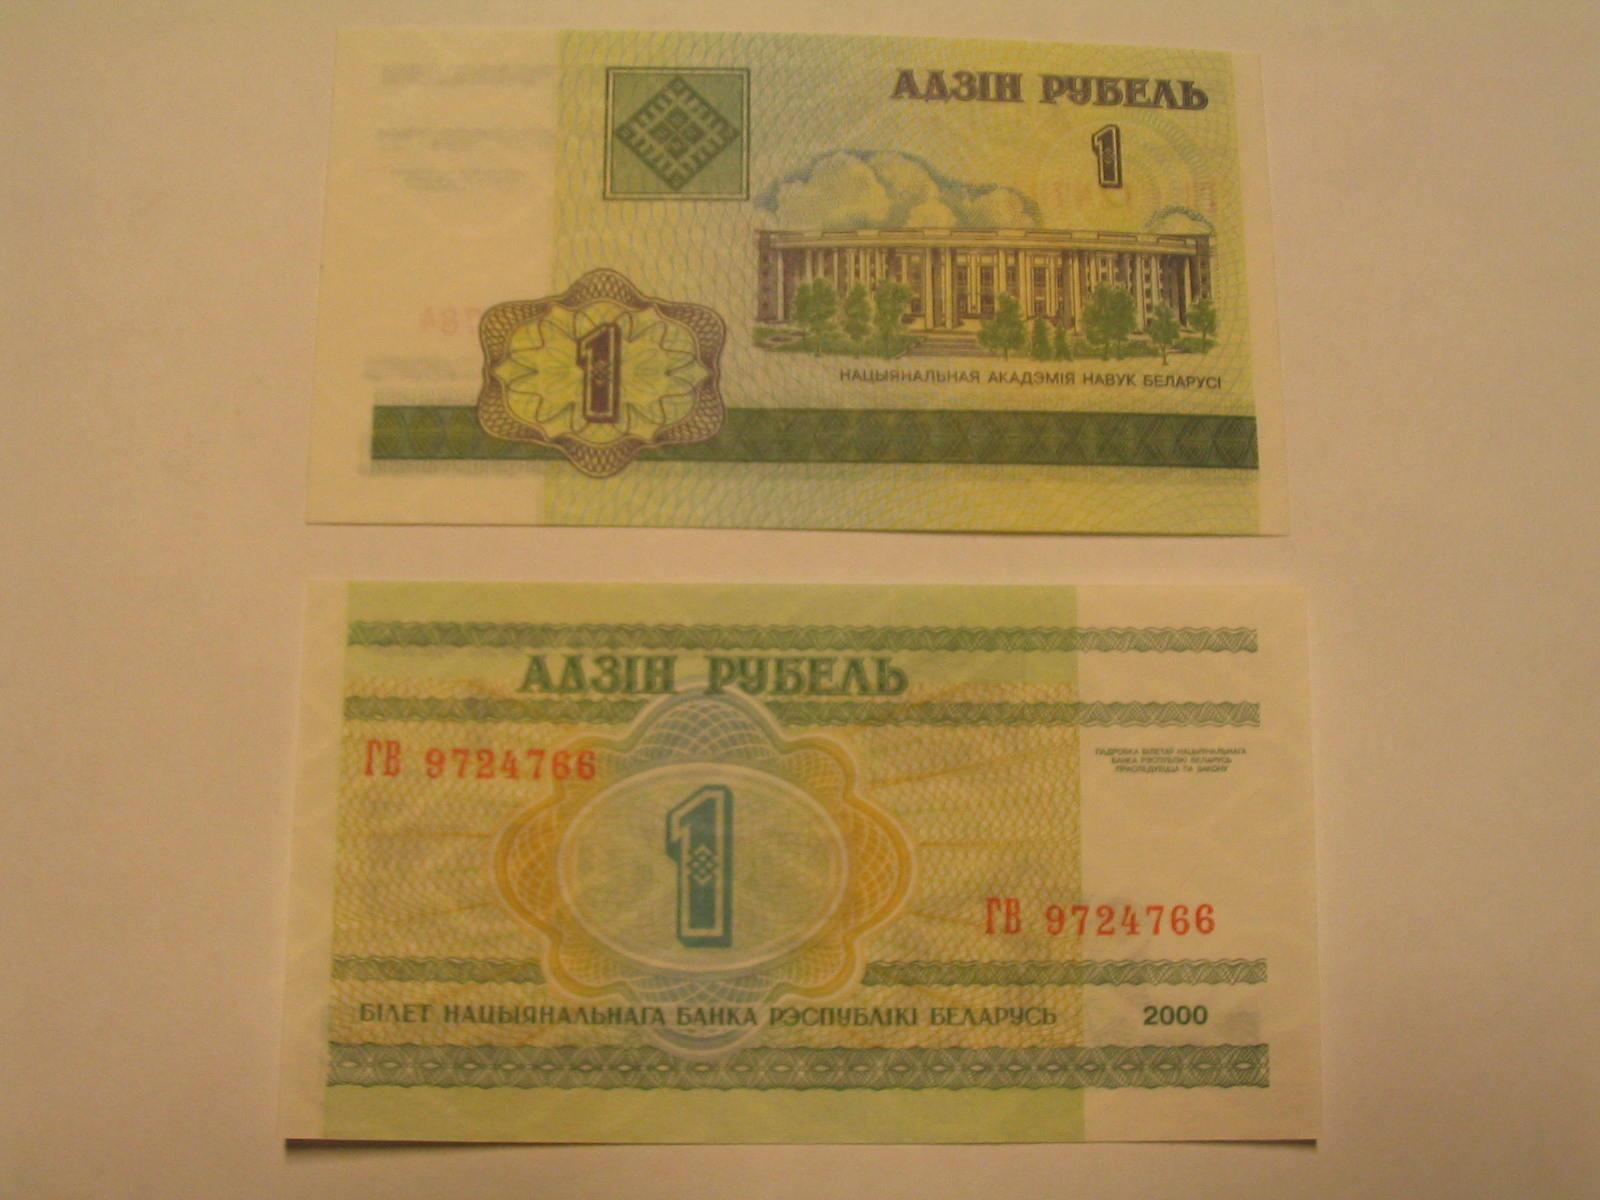 Valkovenäjä 1 rupla - Eurokolikot - Eurocoins- Euromunzen